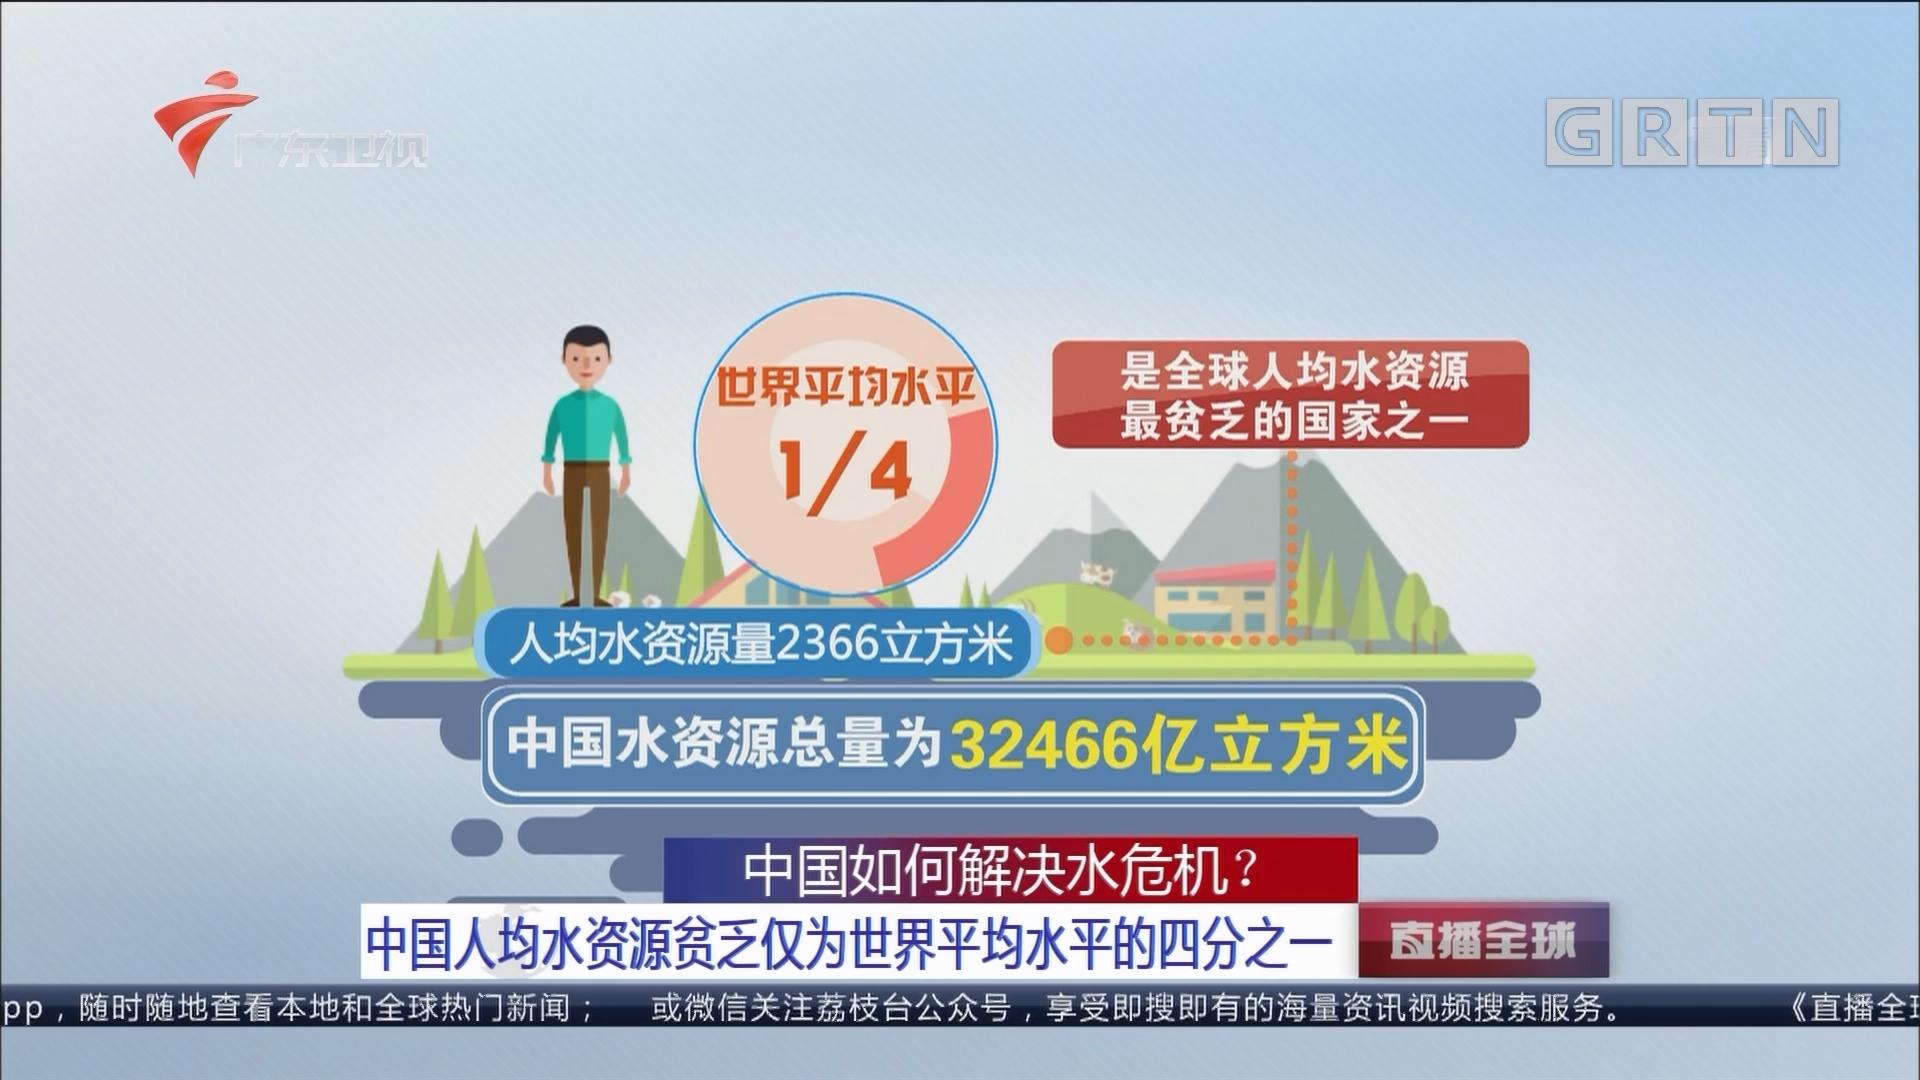 中国如何解决水危机? 中国人均水资源贫乏仅为世界平均水平的四分之一